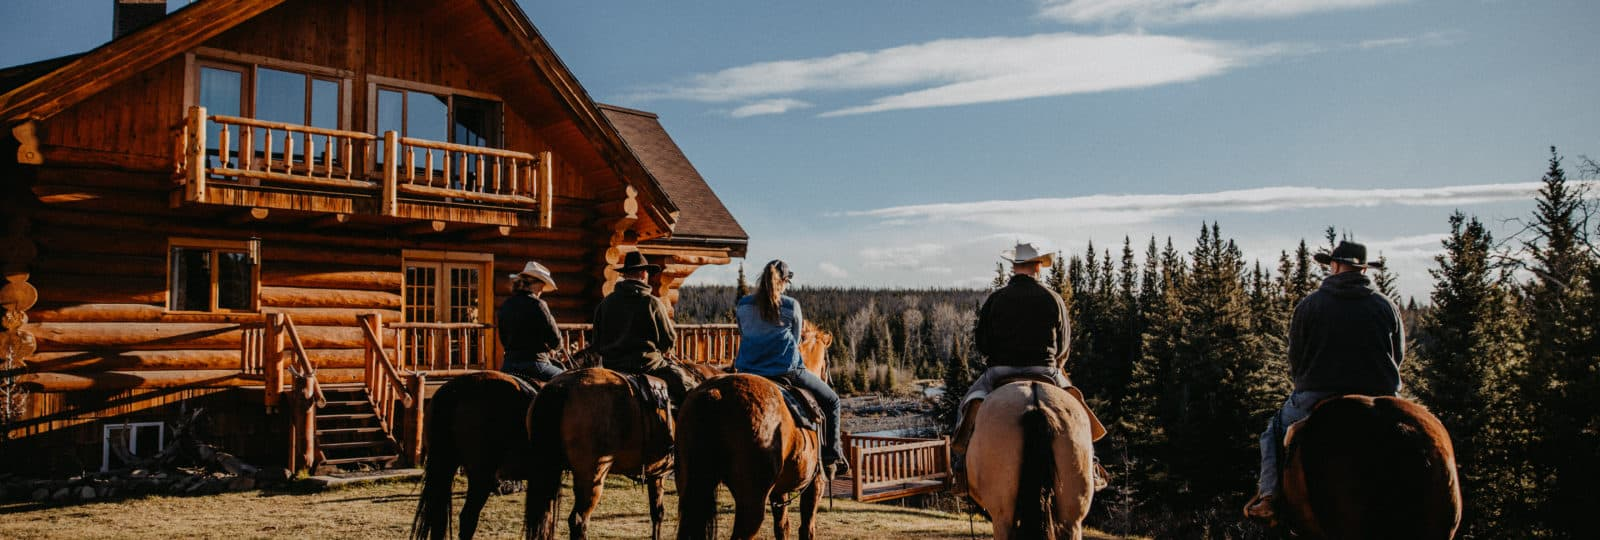 Pferderanch westlich von Williams Lake in Westkanada